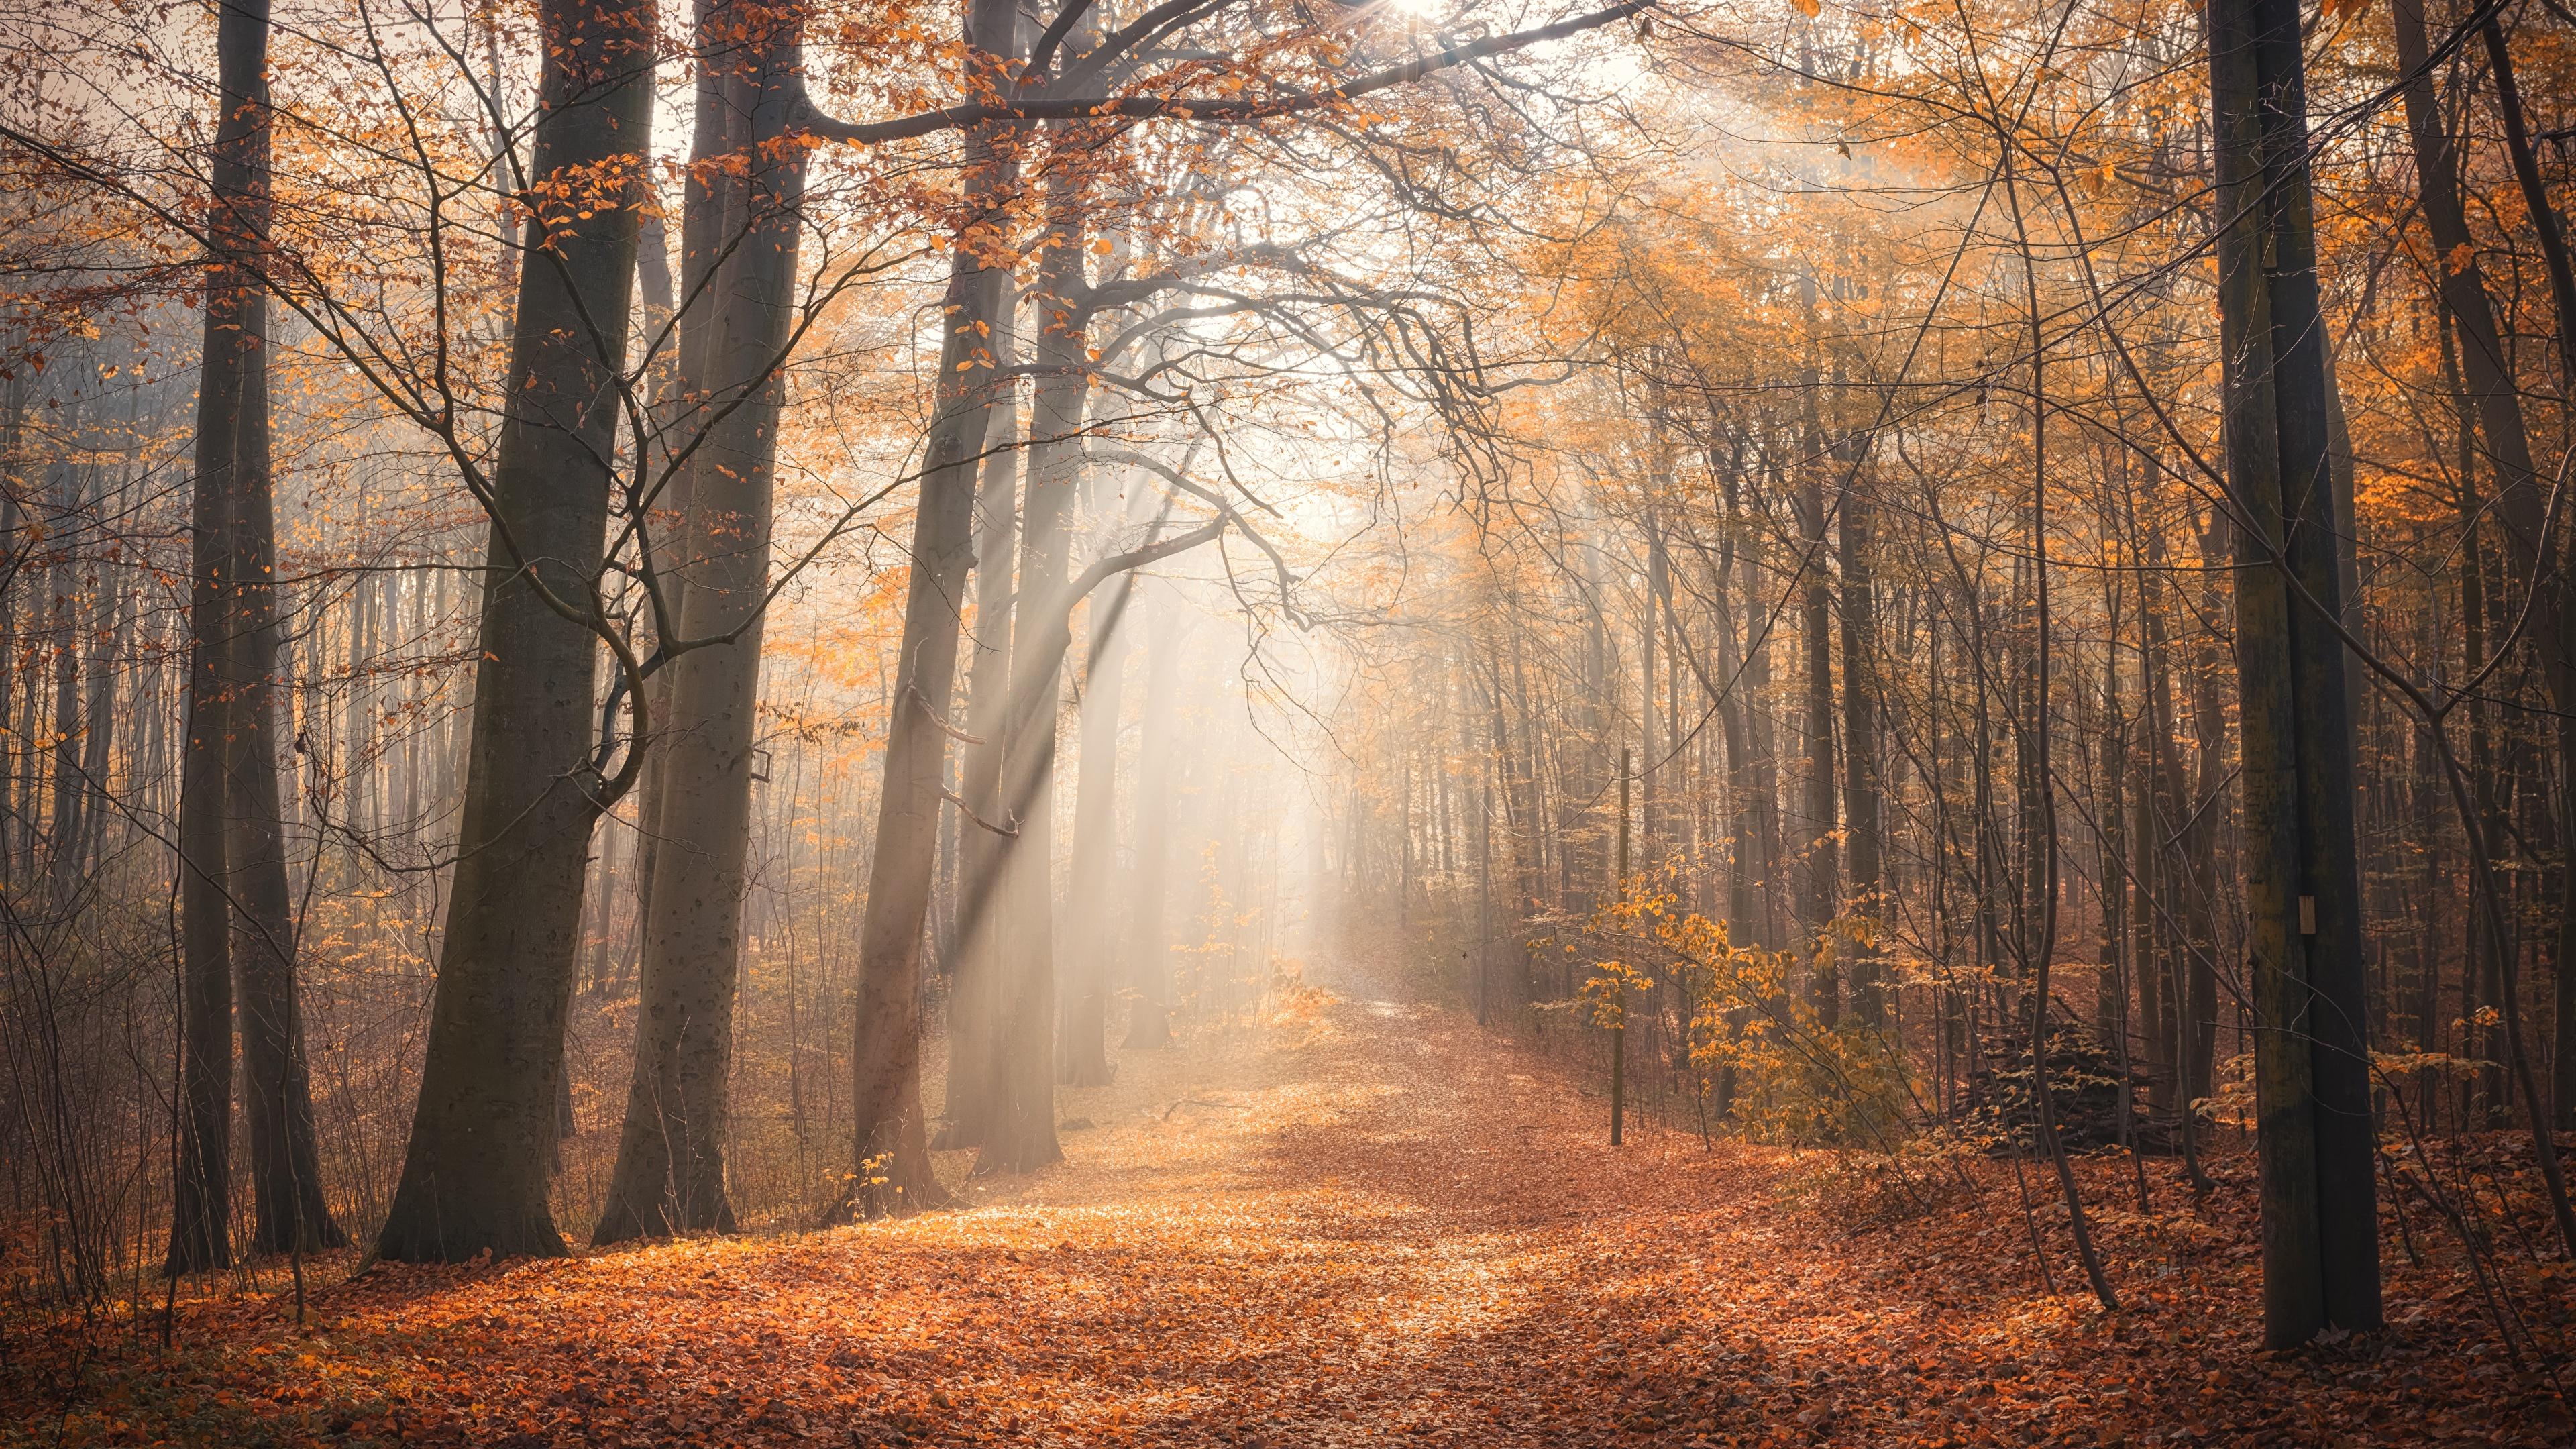 солнце лощина деревья осень смотреть